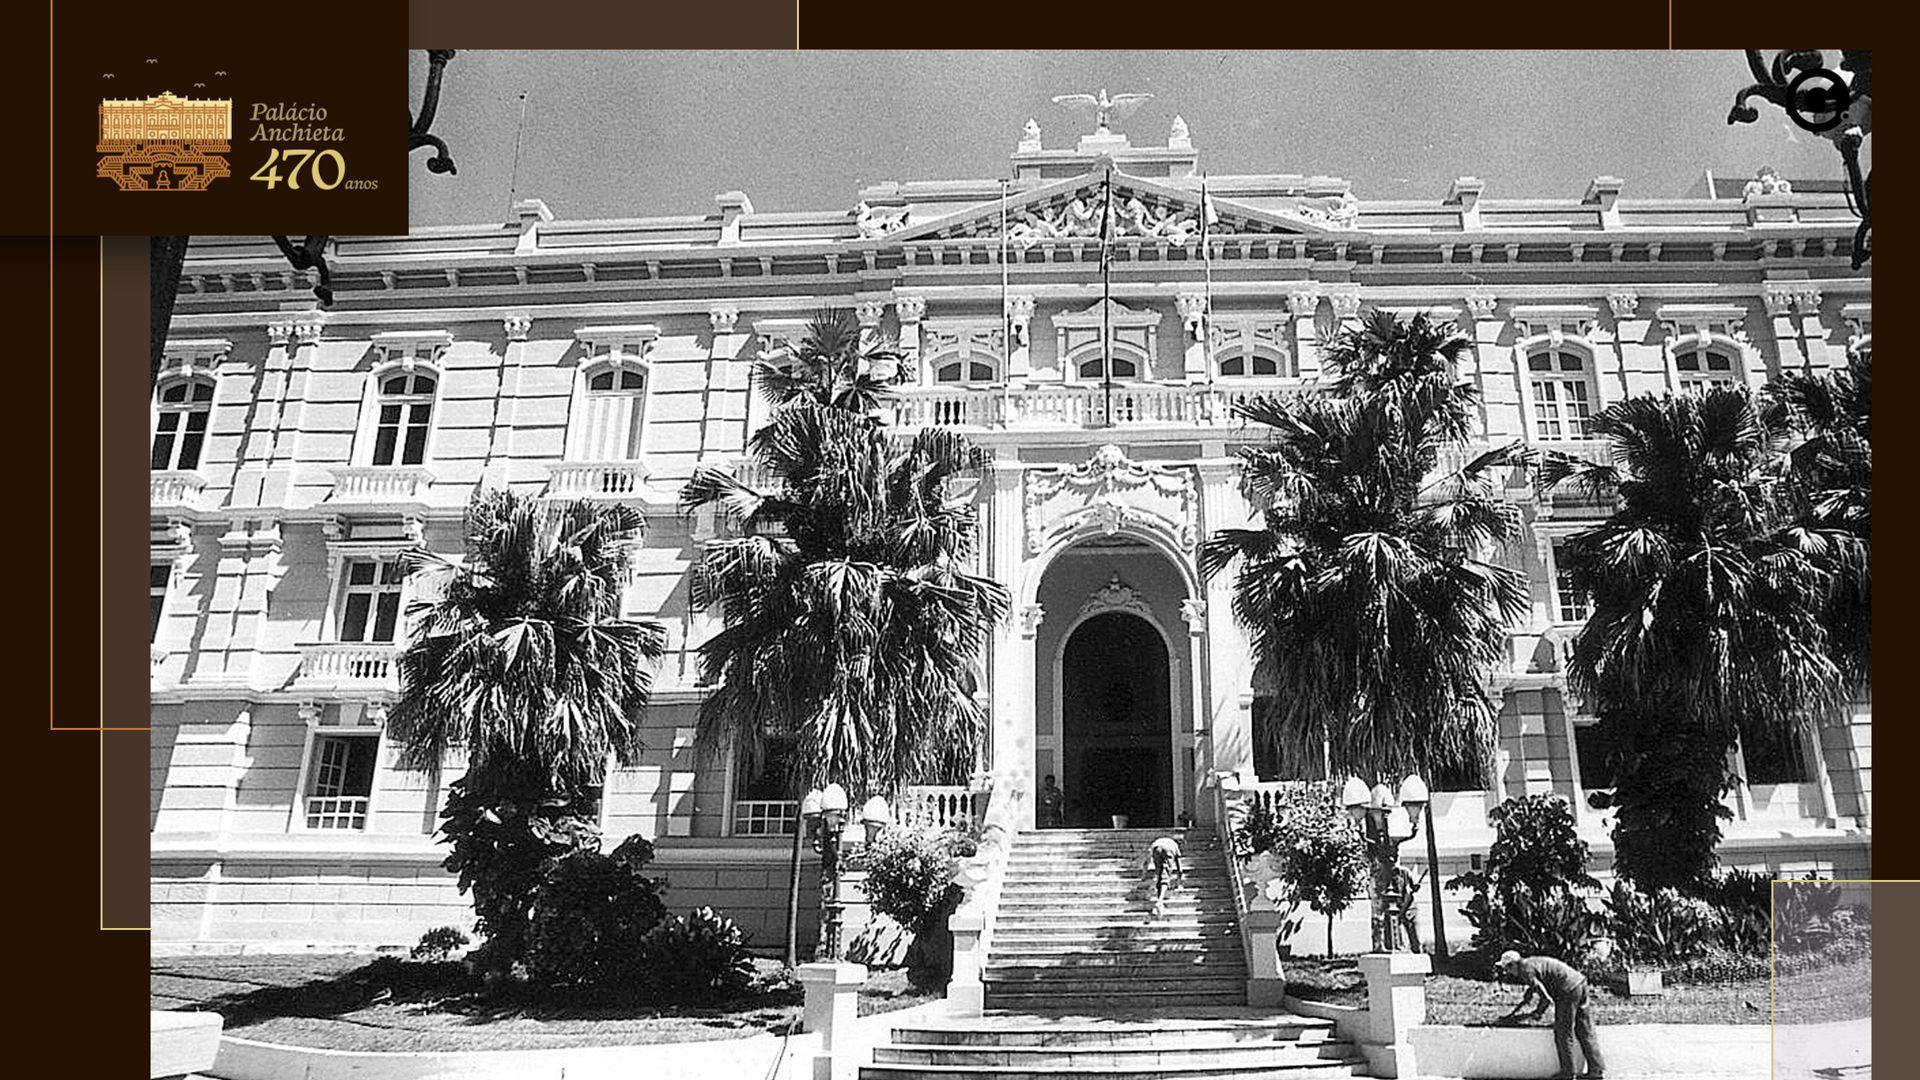 Fachada principal do Palácio Anchieta, em 1987